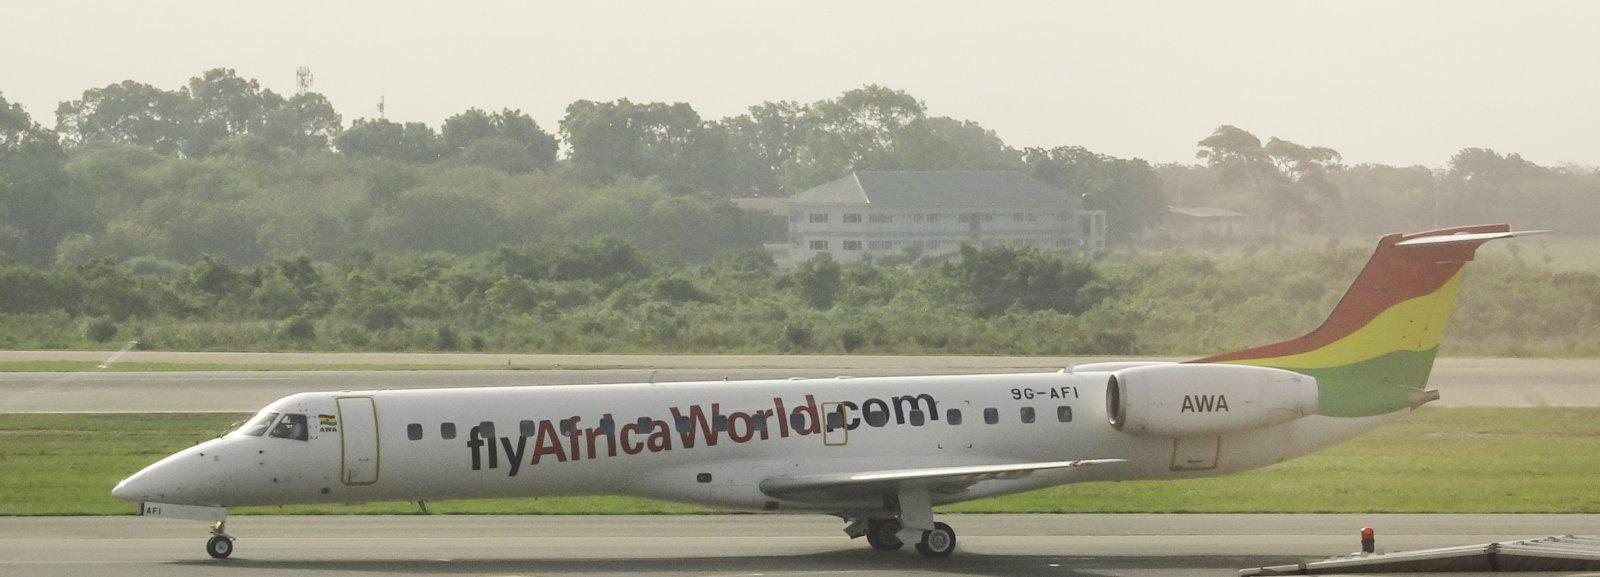 Africa World Airlines Embraer ERJ-145LI 9G-AFI